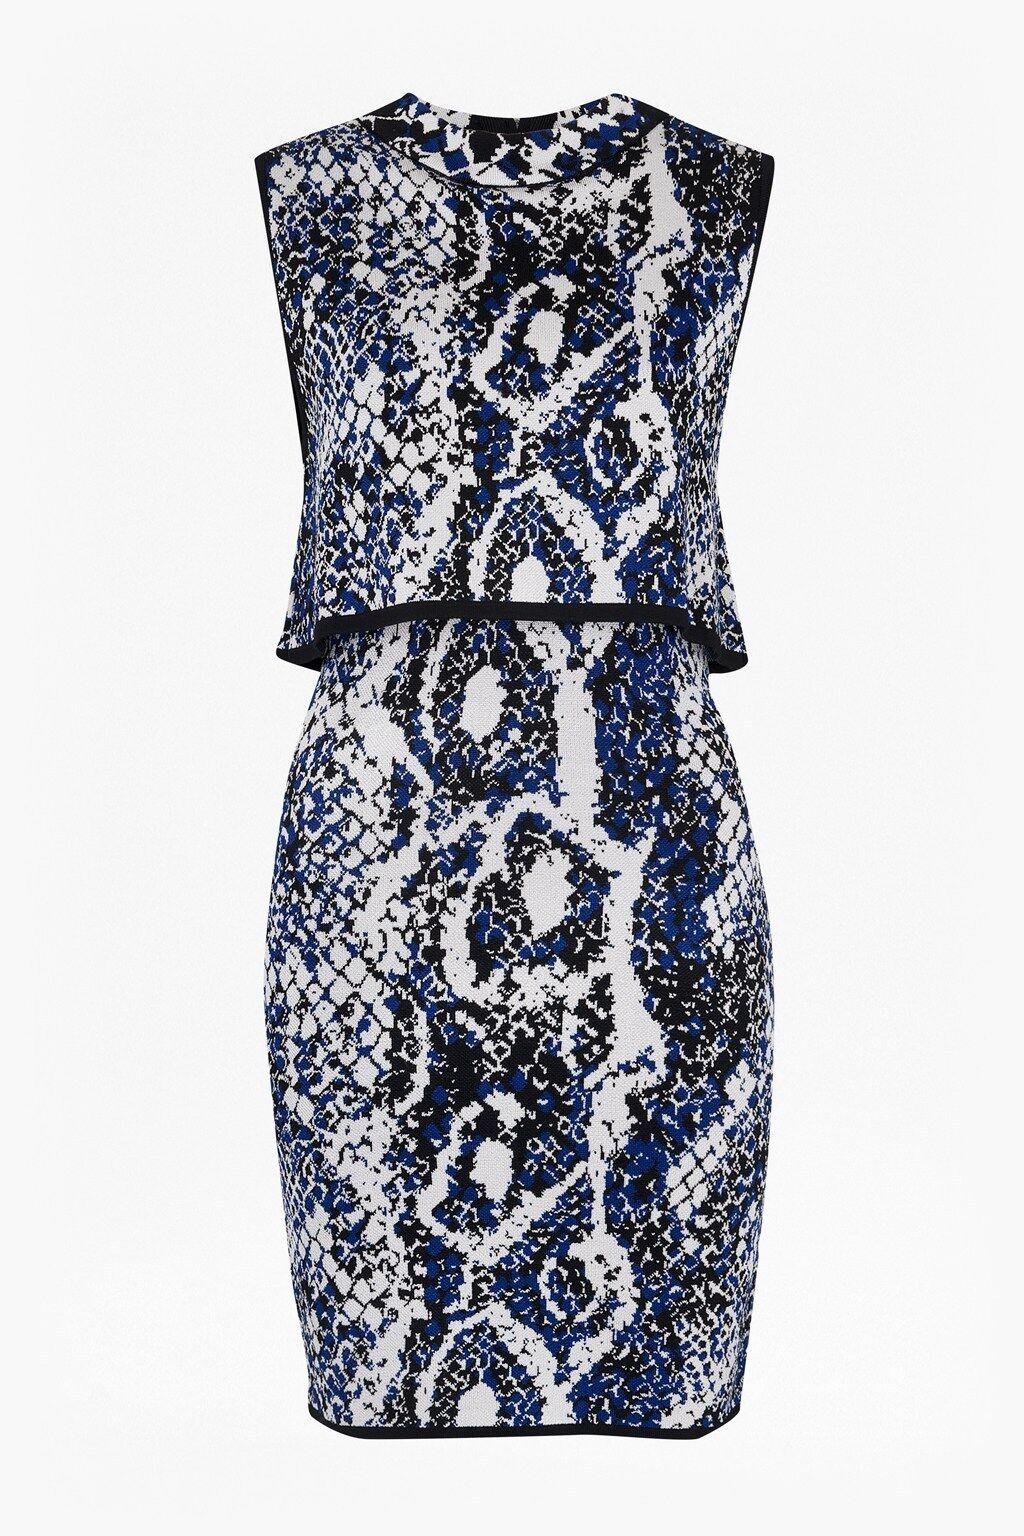 New French Connection Blau grau schwarz Spotlight Boa Layer Dress Sz UK 10